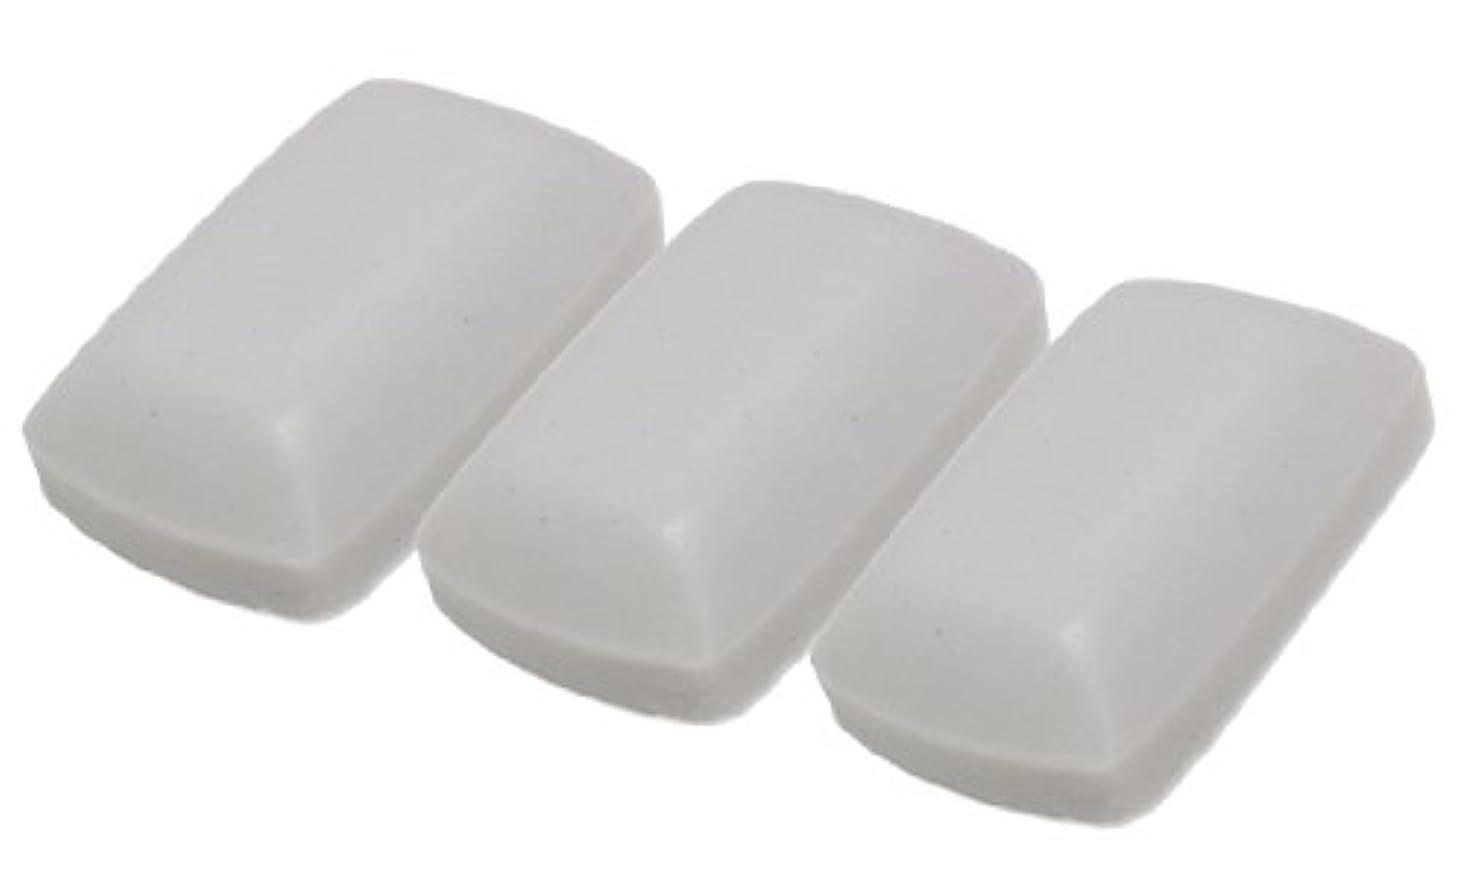 特性人事カスケード不思議な石鹸「ゆらぎ乃せっけん」3個セット